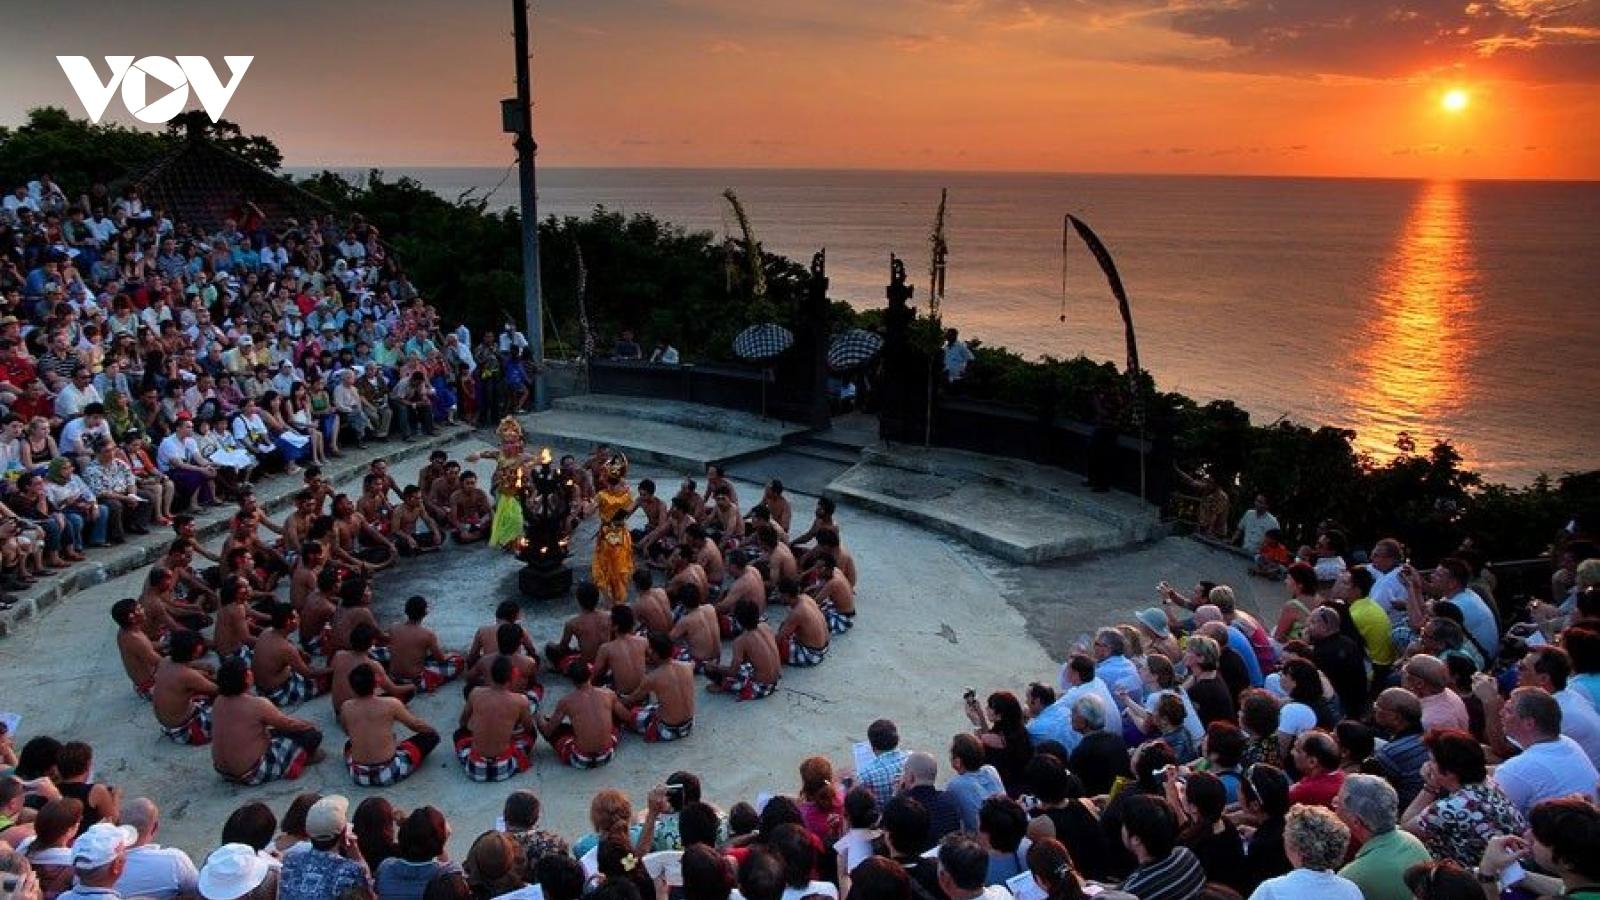 Kecak - vũ điệu lửa độc đáo dưới ánh hoàng hôn đảo Bali